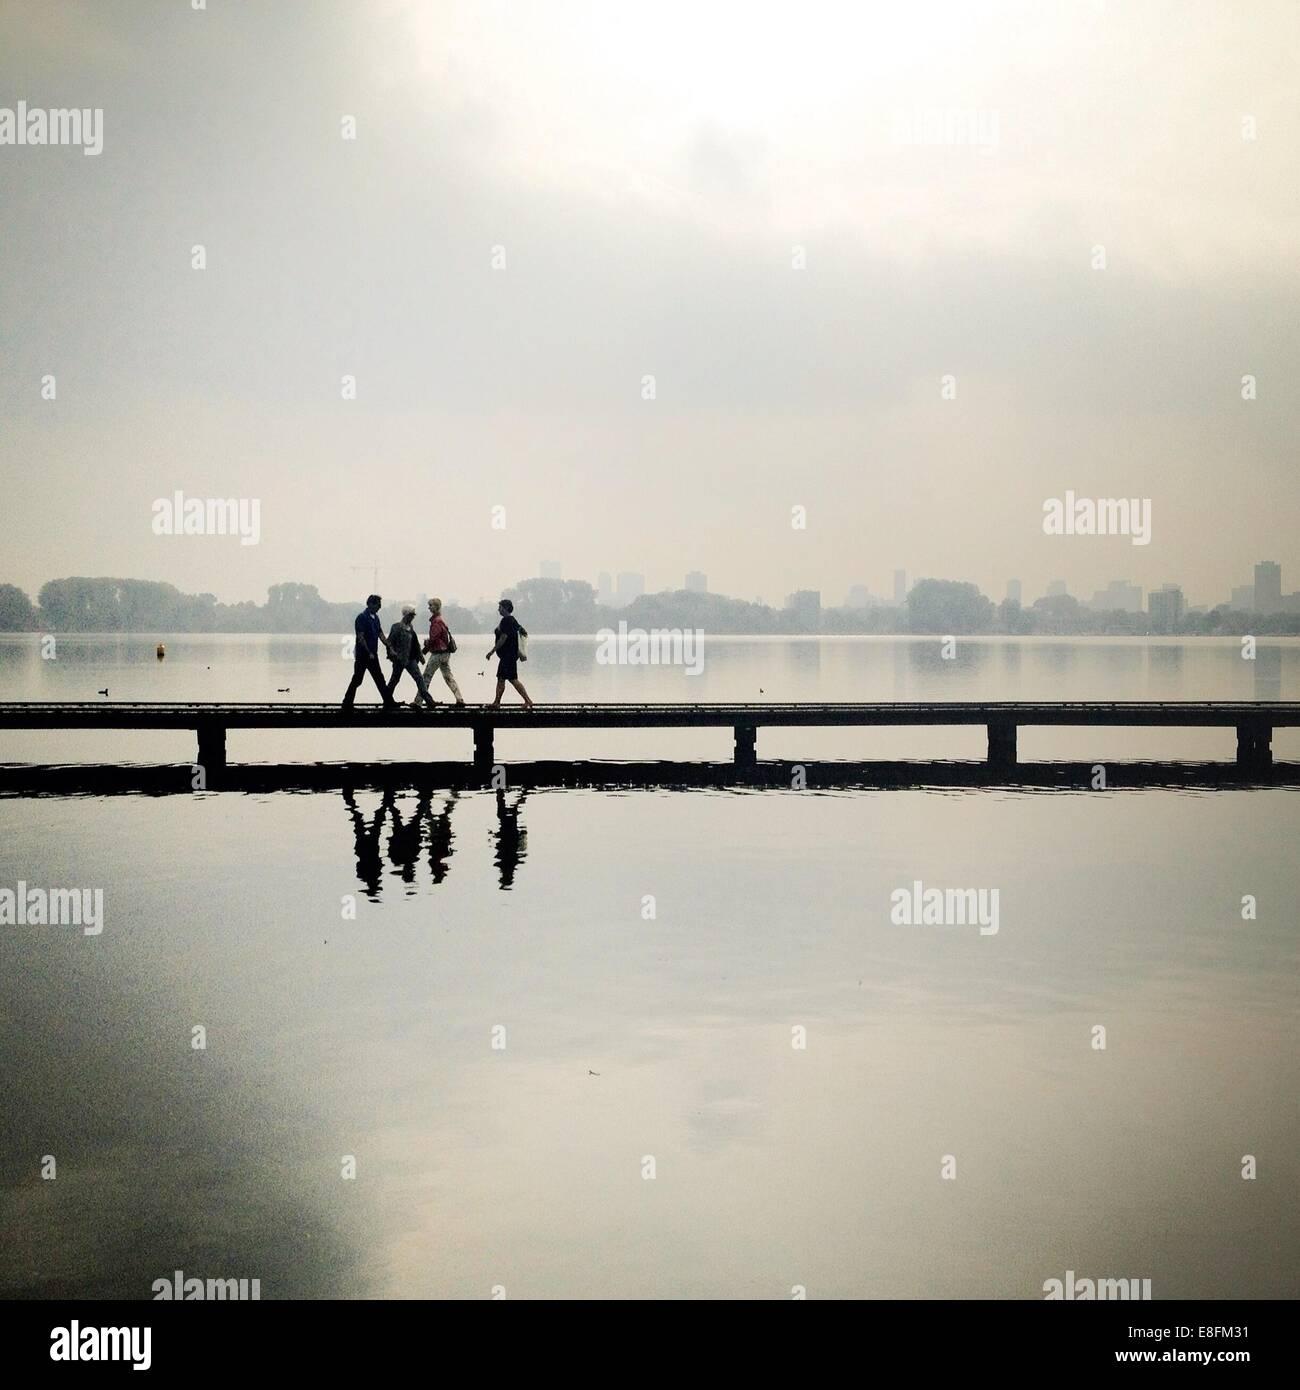 Nederland, Rotterdam, Plas Kralingse, passages pour piétons Photo Stock